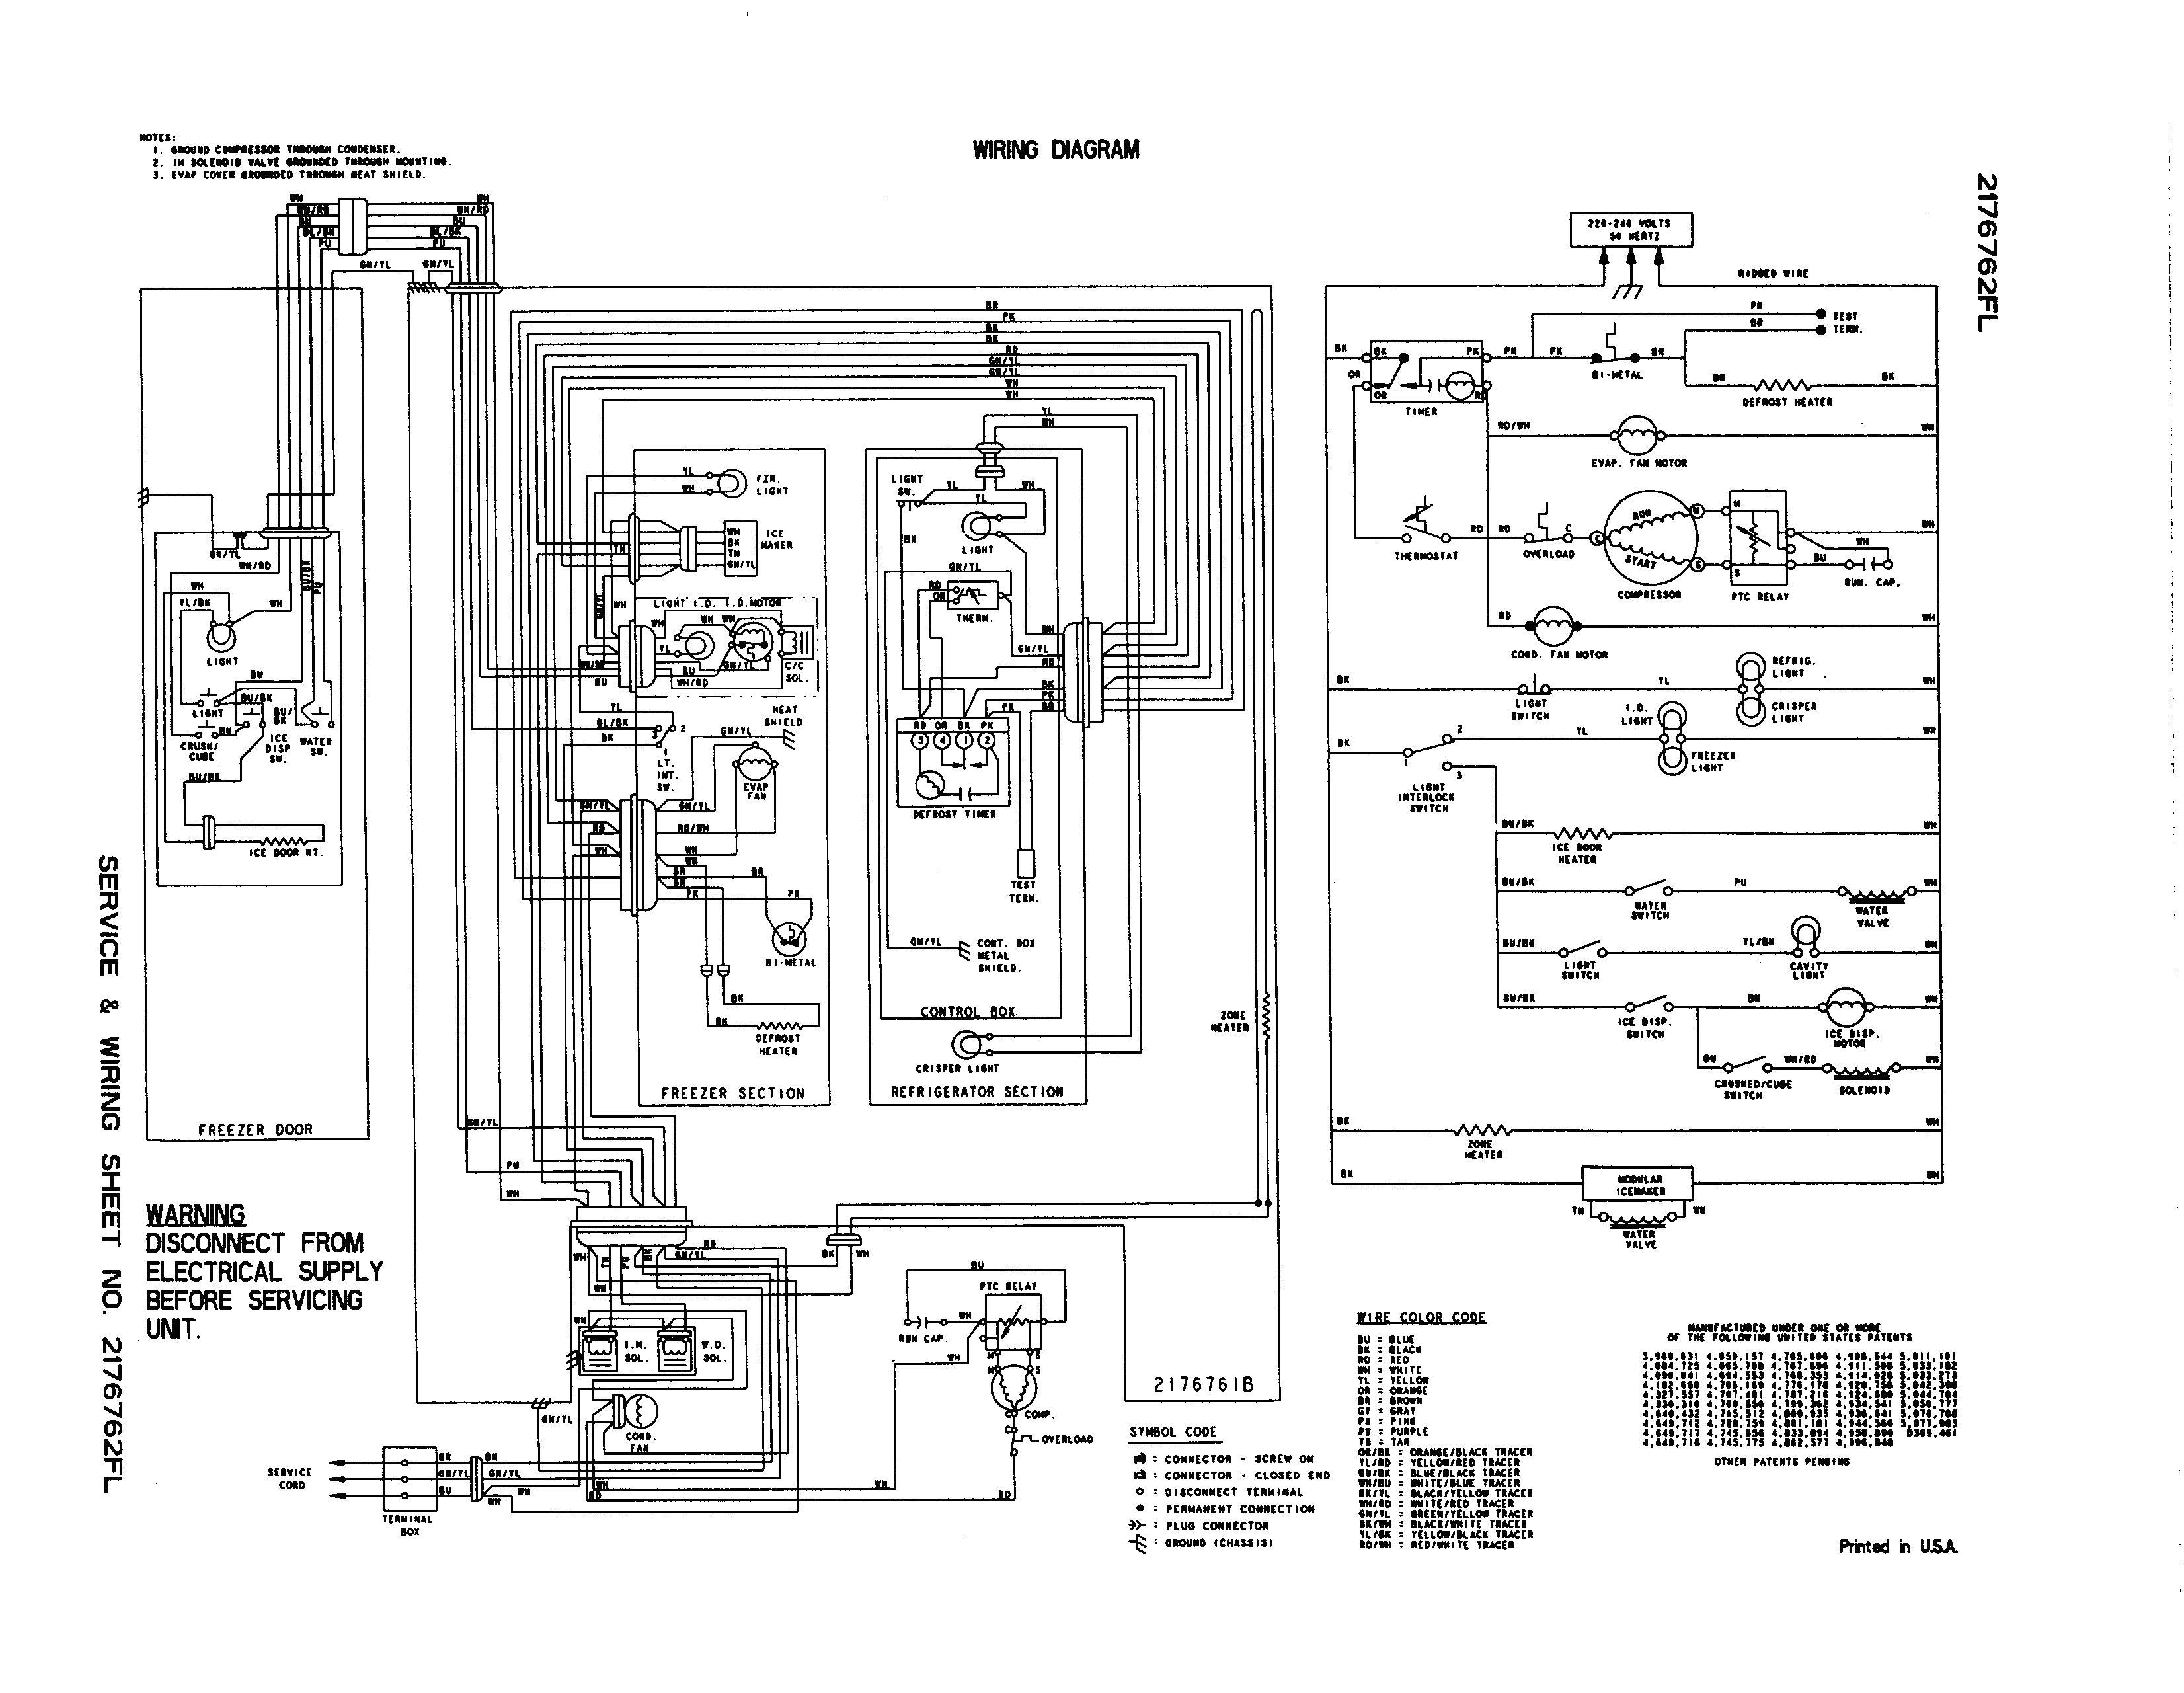 schematic auger wiring whirlpool 2198954 wiring diagram fascinating schematic wiring whirlpool lfe5800wo